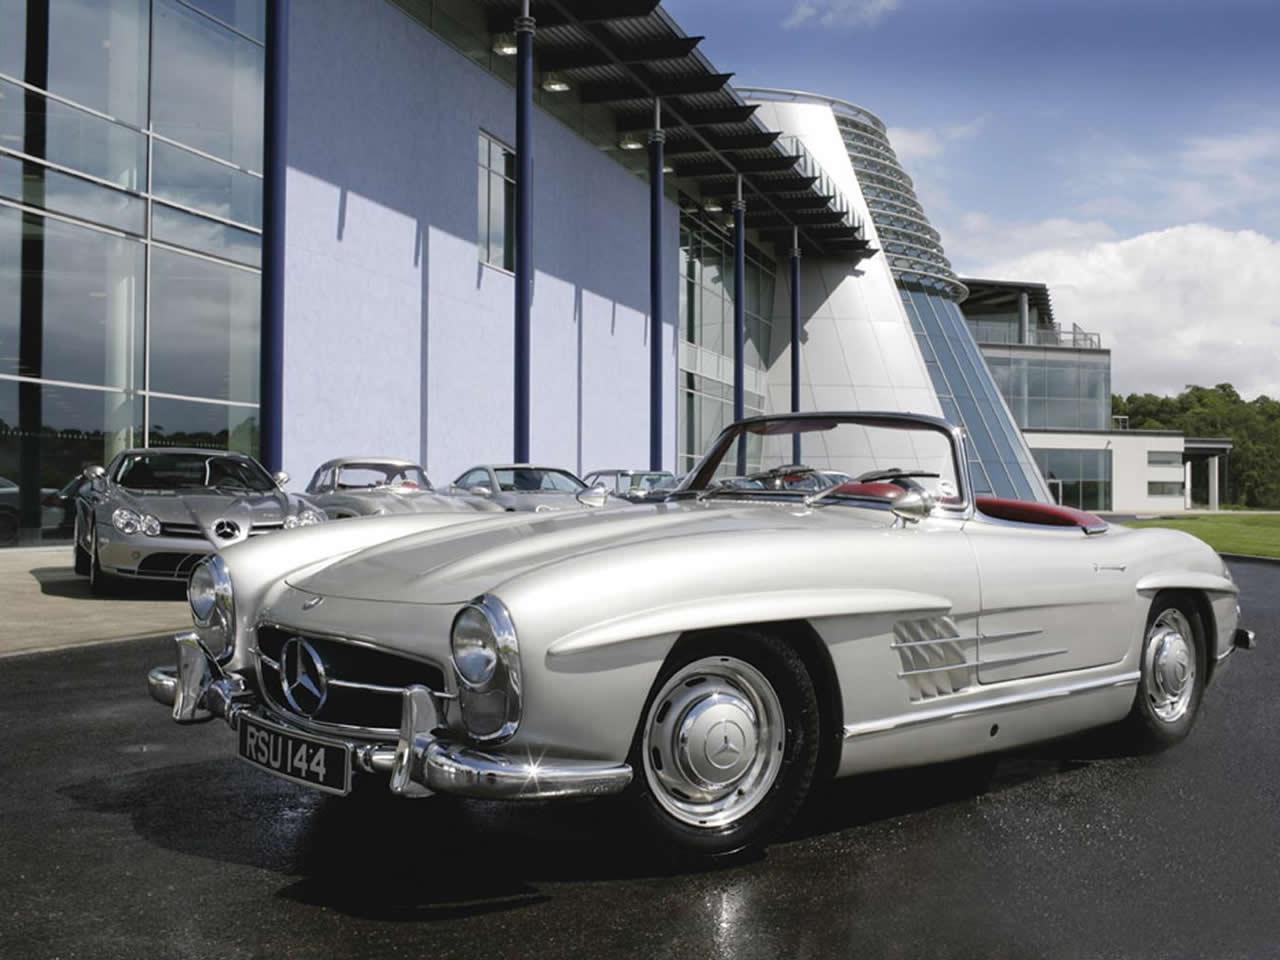 Classic Mercedes SL Wallpapers - Top Free Classic Mercedes SL